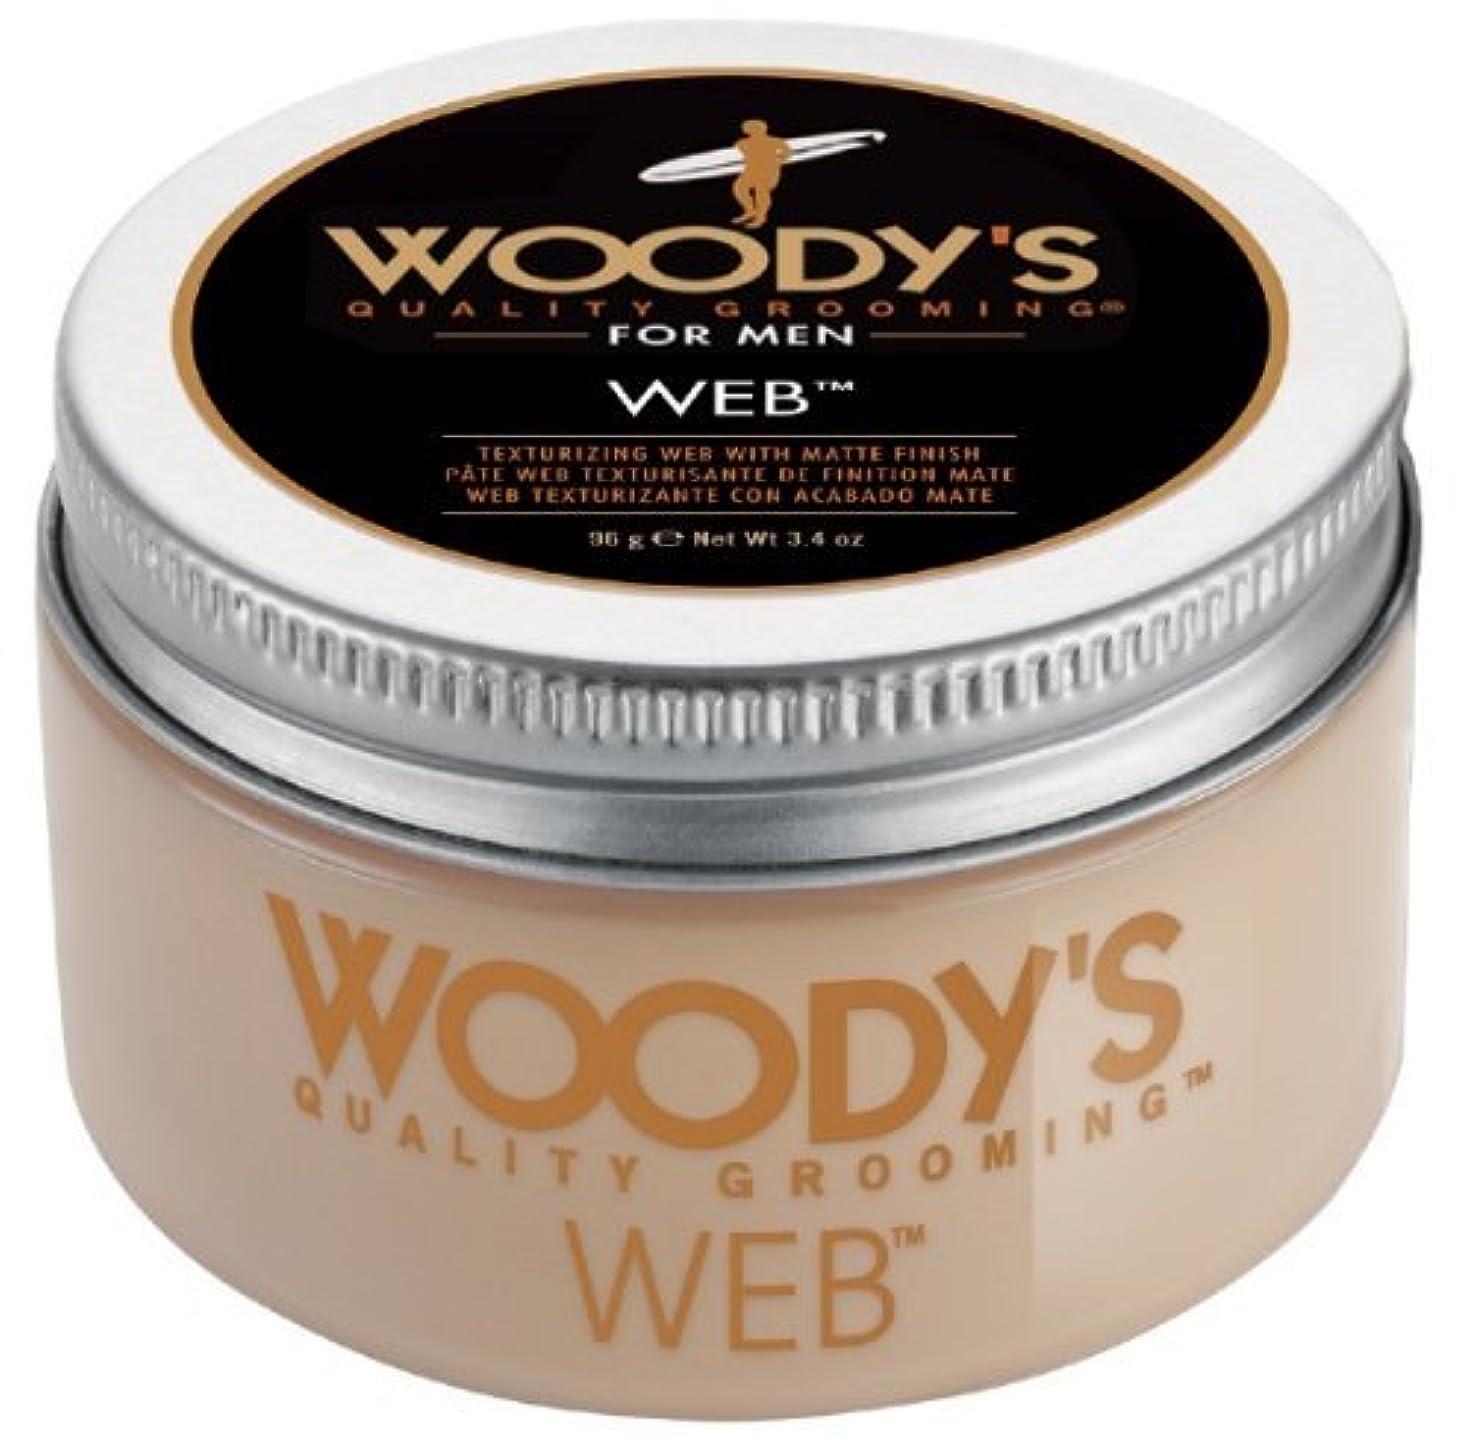 地域のスナックミシン目Woody's Men Hair Styling Web Pomade Matte Finish Wet Or Dry Hair Crティme Gel 96g by Woody's [並行輸入品]